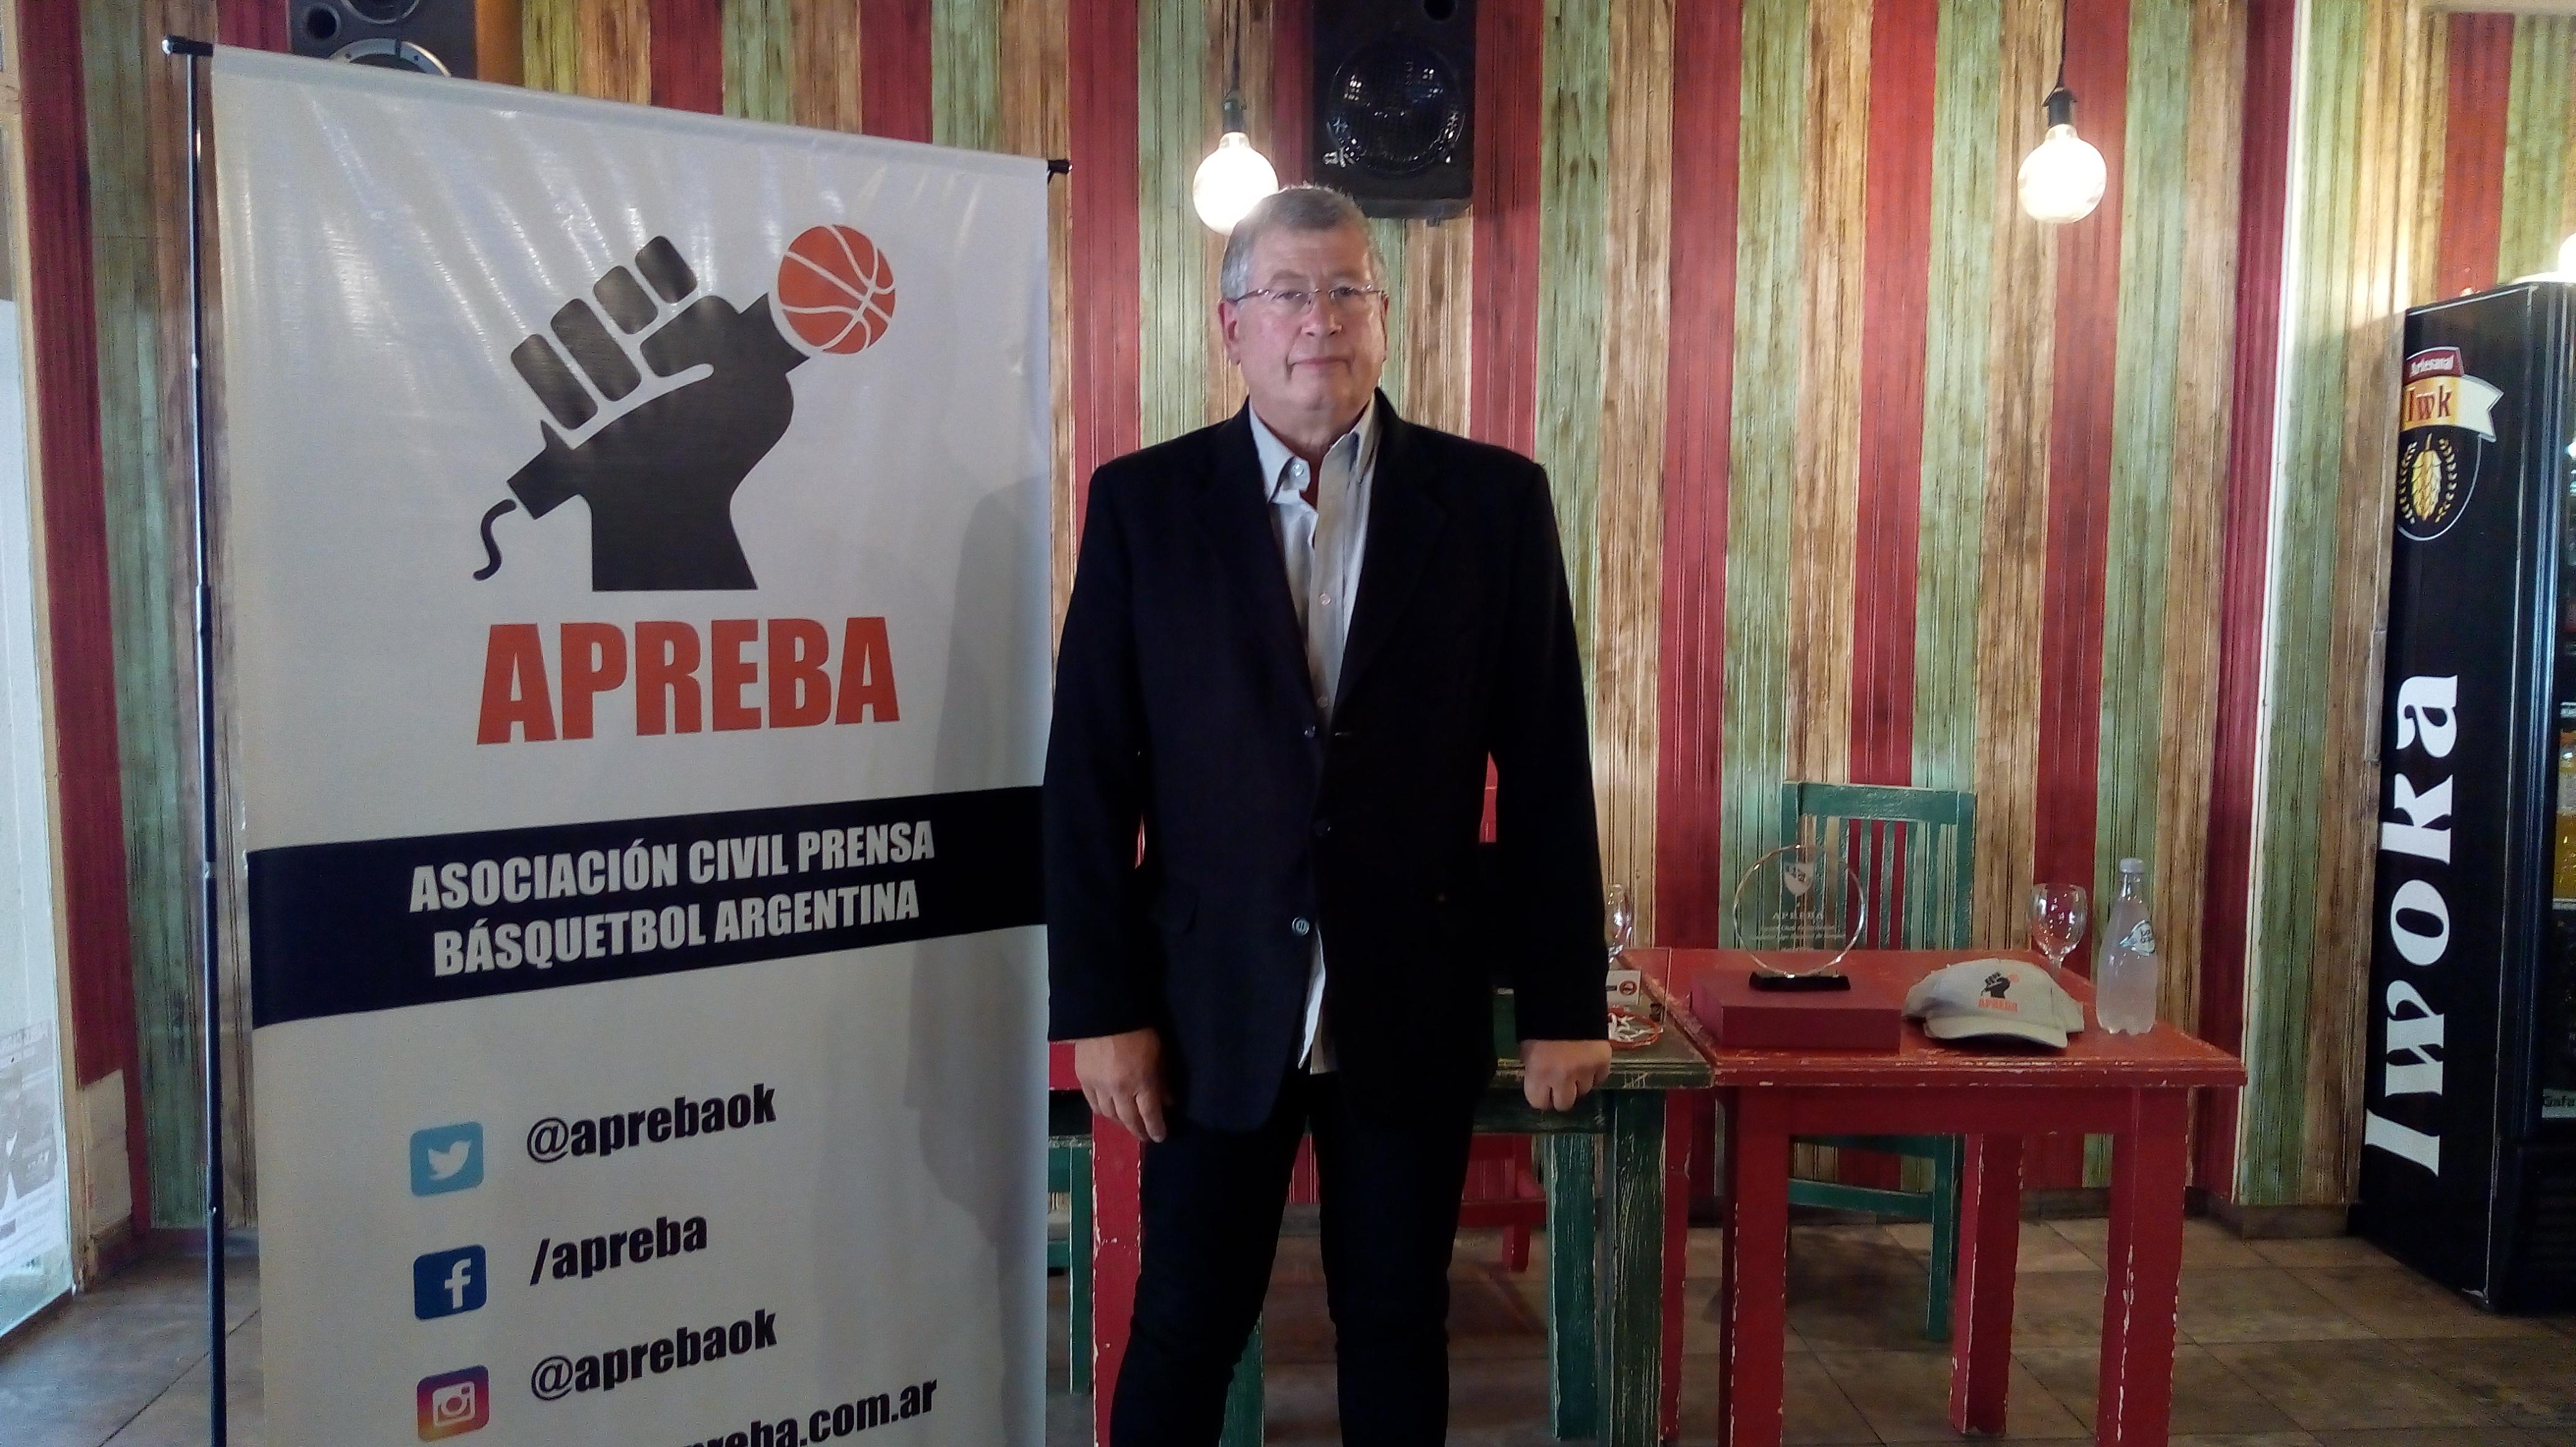 APREBA hizo su presentación en Pergamino buscando nuevos socios, Rubén Muñoz, presidente de la entidad, explicó los beneficios de esta nueva asociación civil de prensa del básquet.